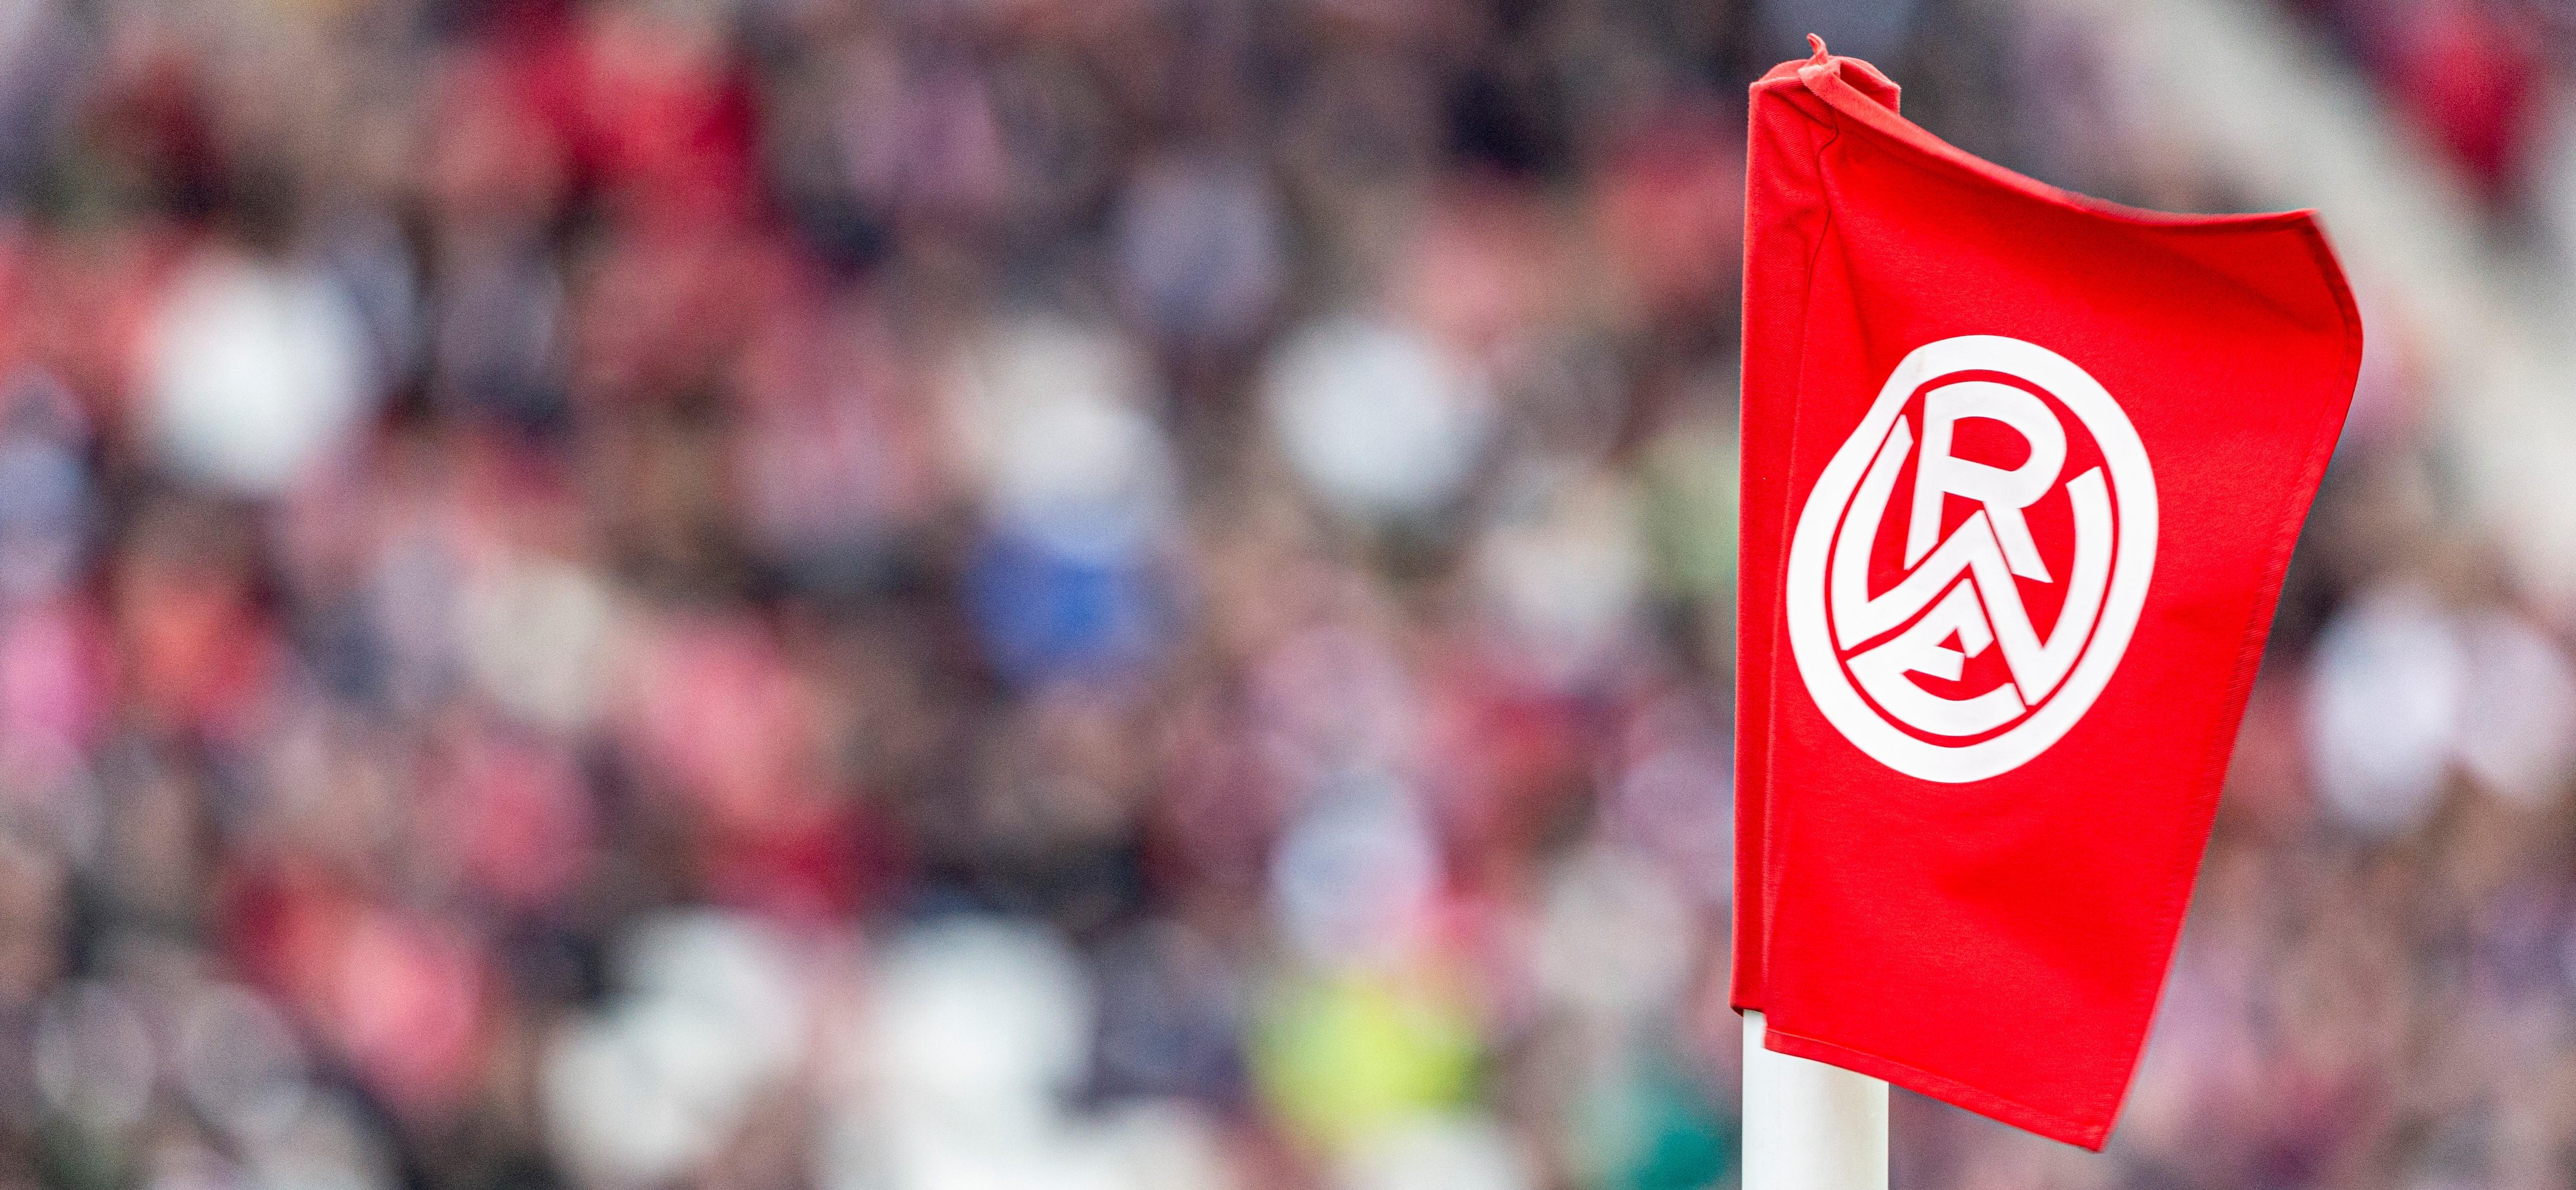 Ab heute können rot-weisse Vereinsmitglieder ihren RWE-Doppel Pass bestellen.